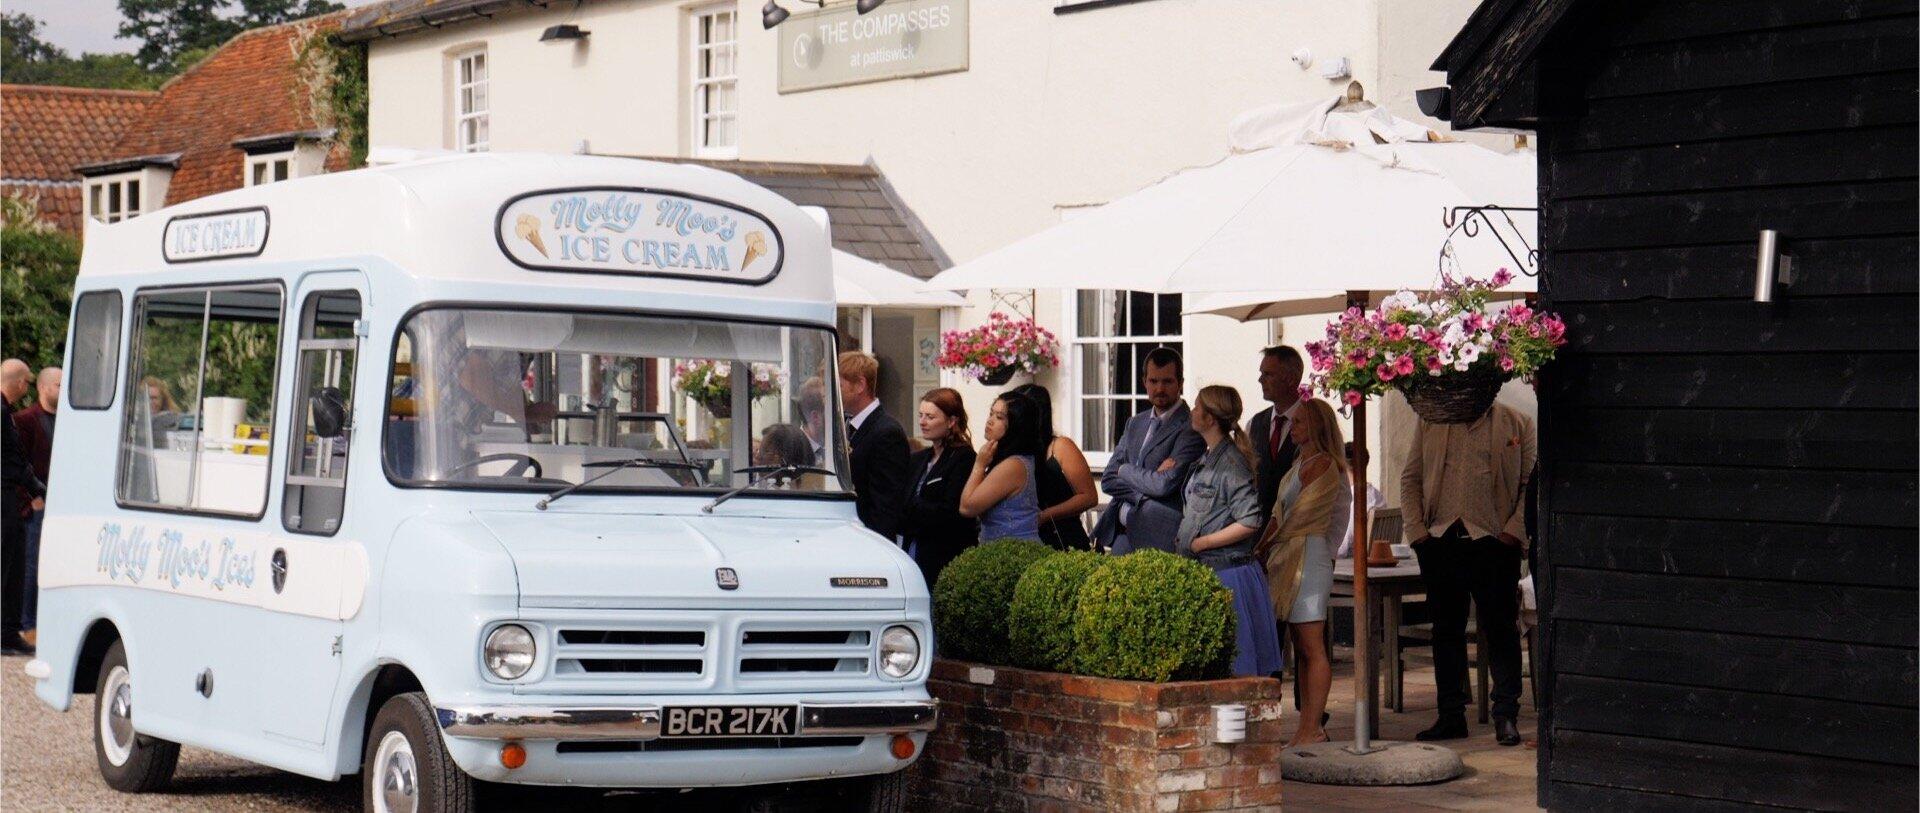 Essex Ice Cream Van weddings.jpg